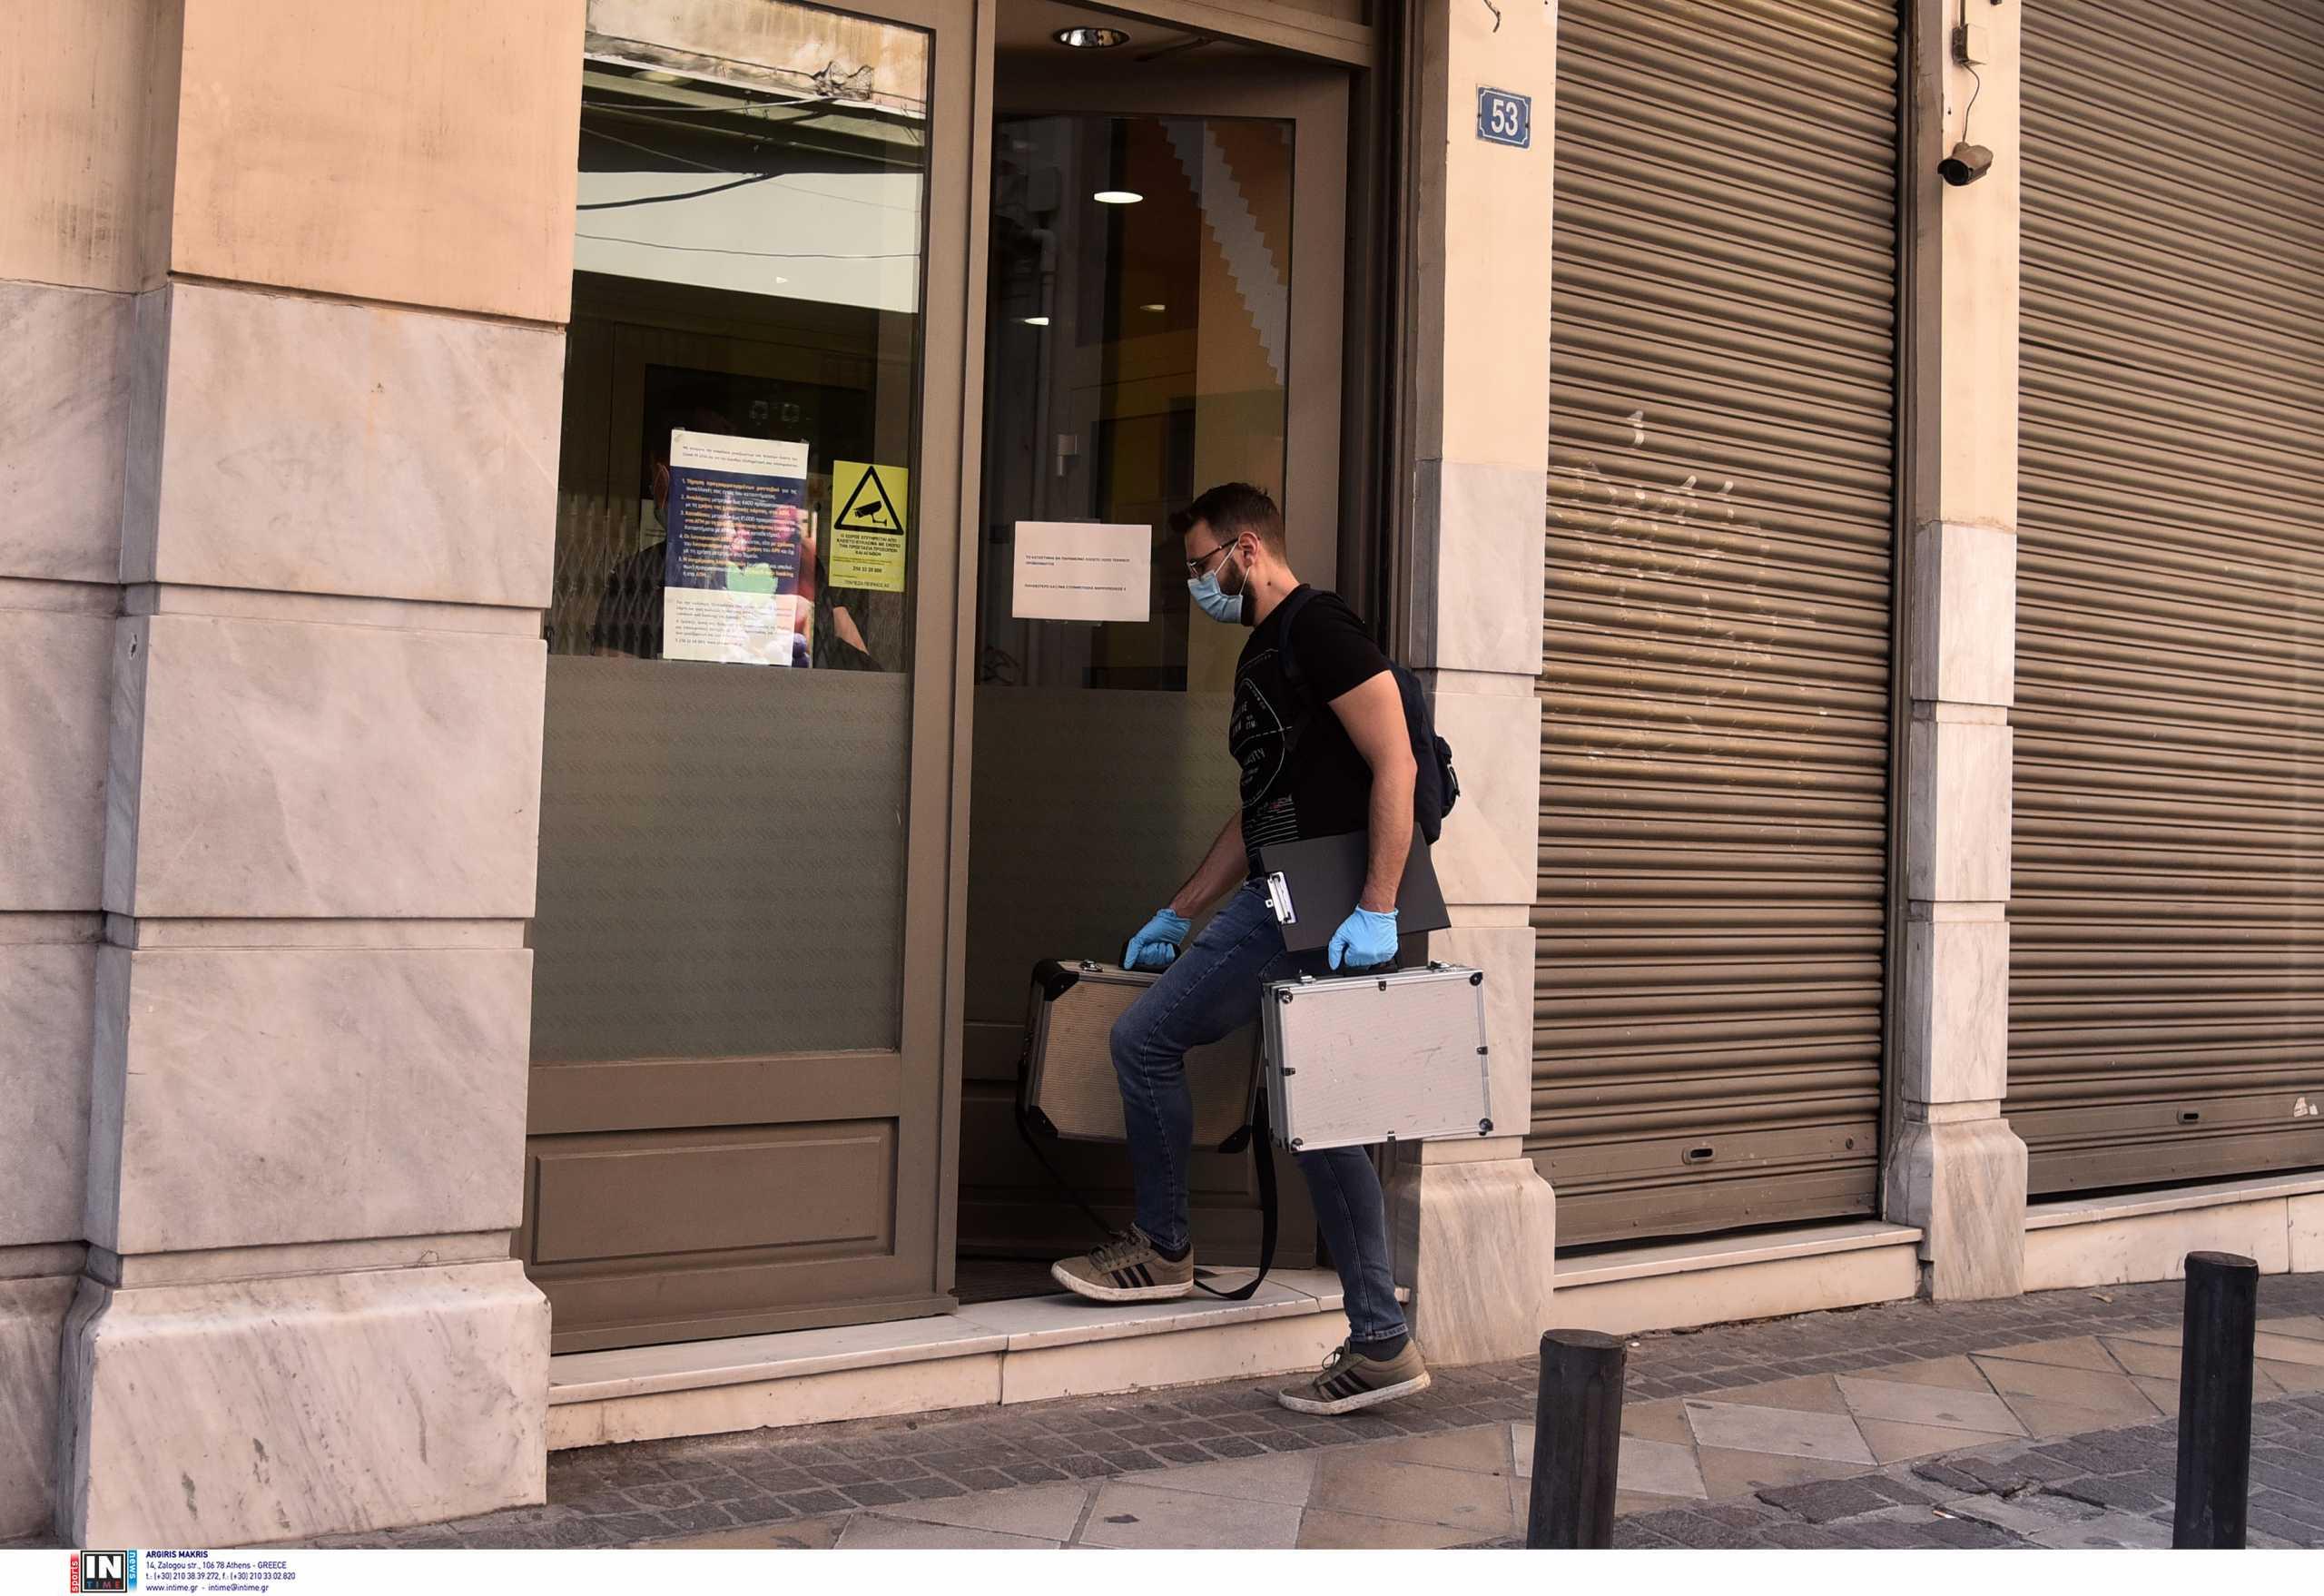 Ληστεία σε τράπεζα στη Μητροπόλεως: Έτσι έπιασαν τον ληστή – Ήταν οπλισμένος σαν αστακός